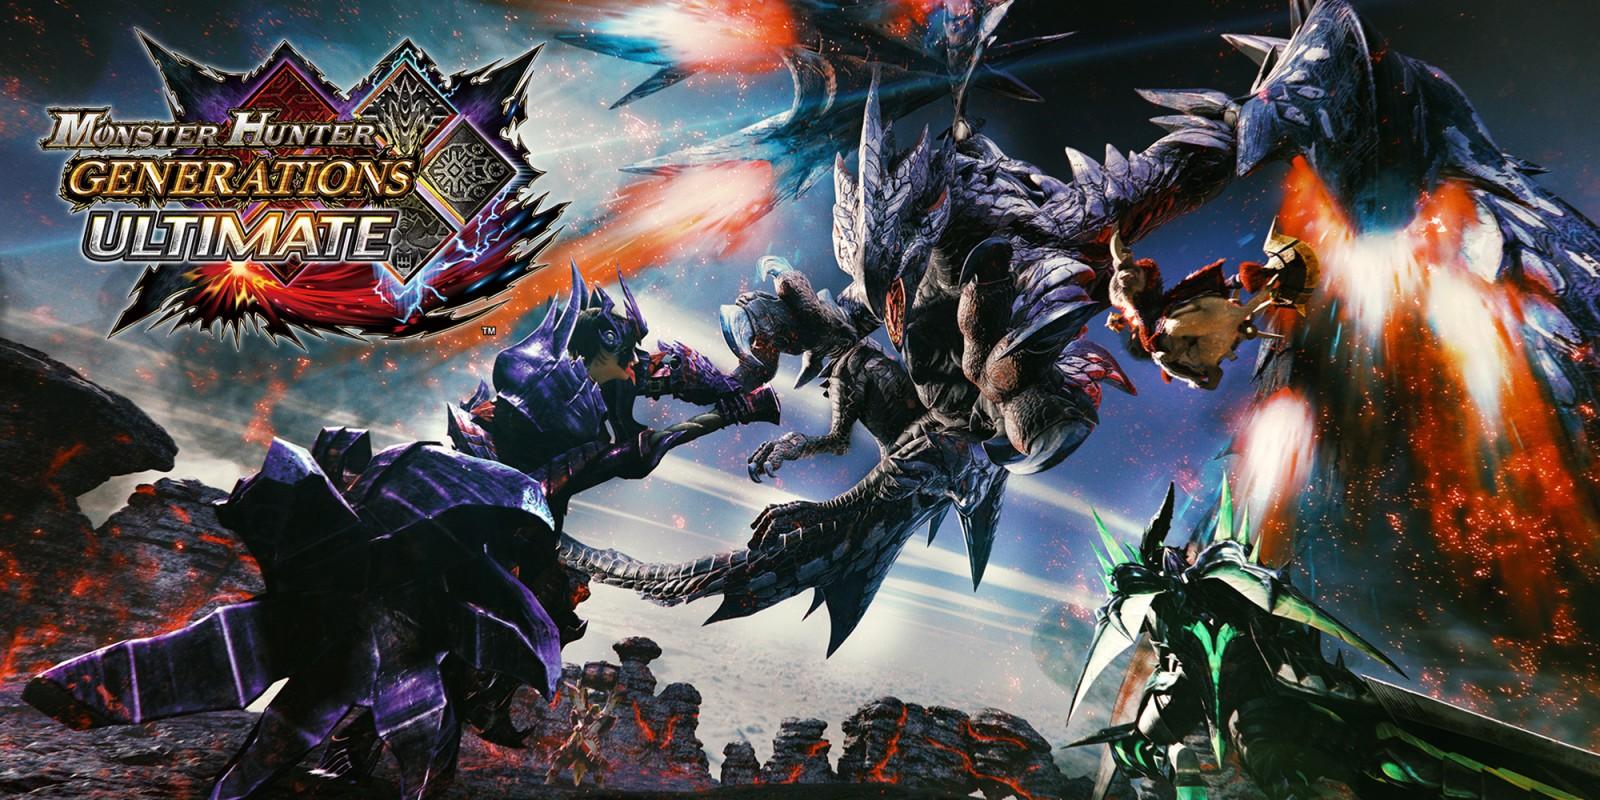 Capcom destaca fortes vendas de Monster Hunter Generations Ultimate, Mega Man 11 e Street Fighter 30th Anniversary Collection no seus últimos resultados financeiros